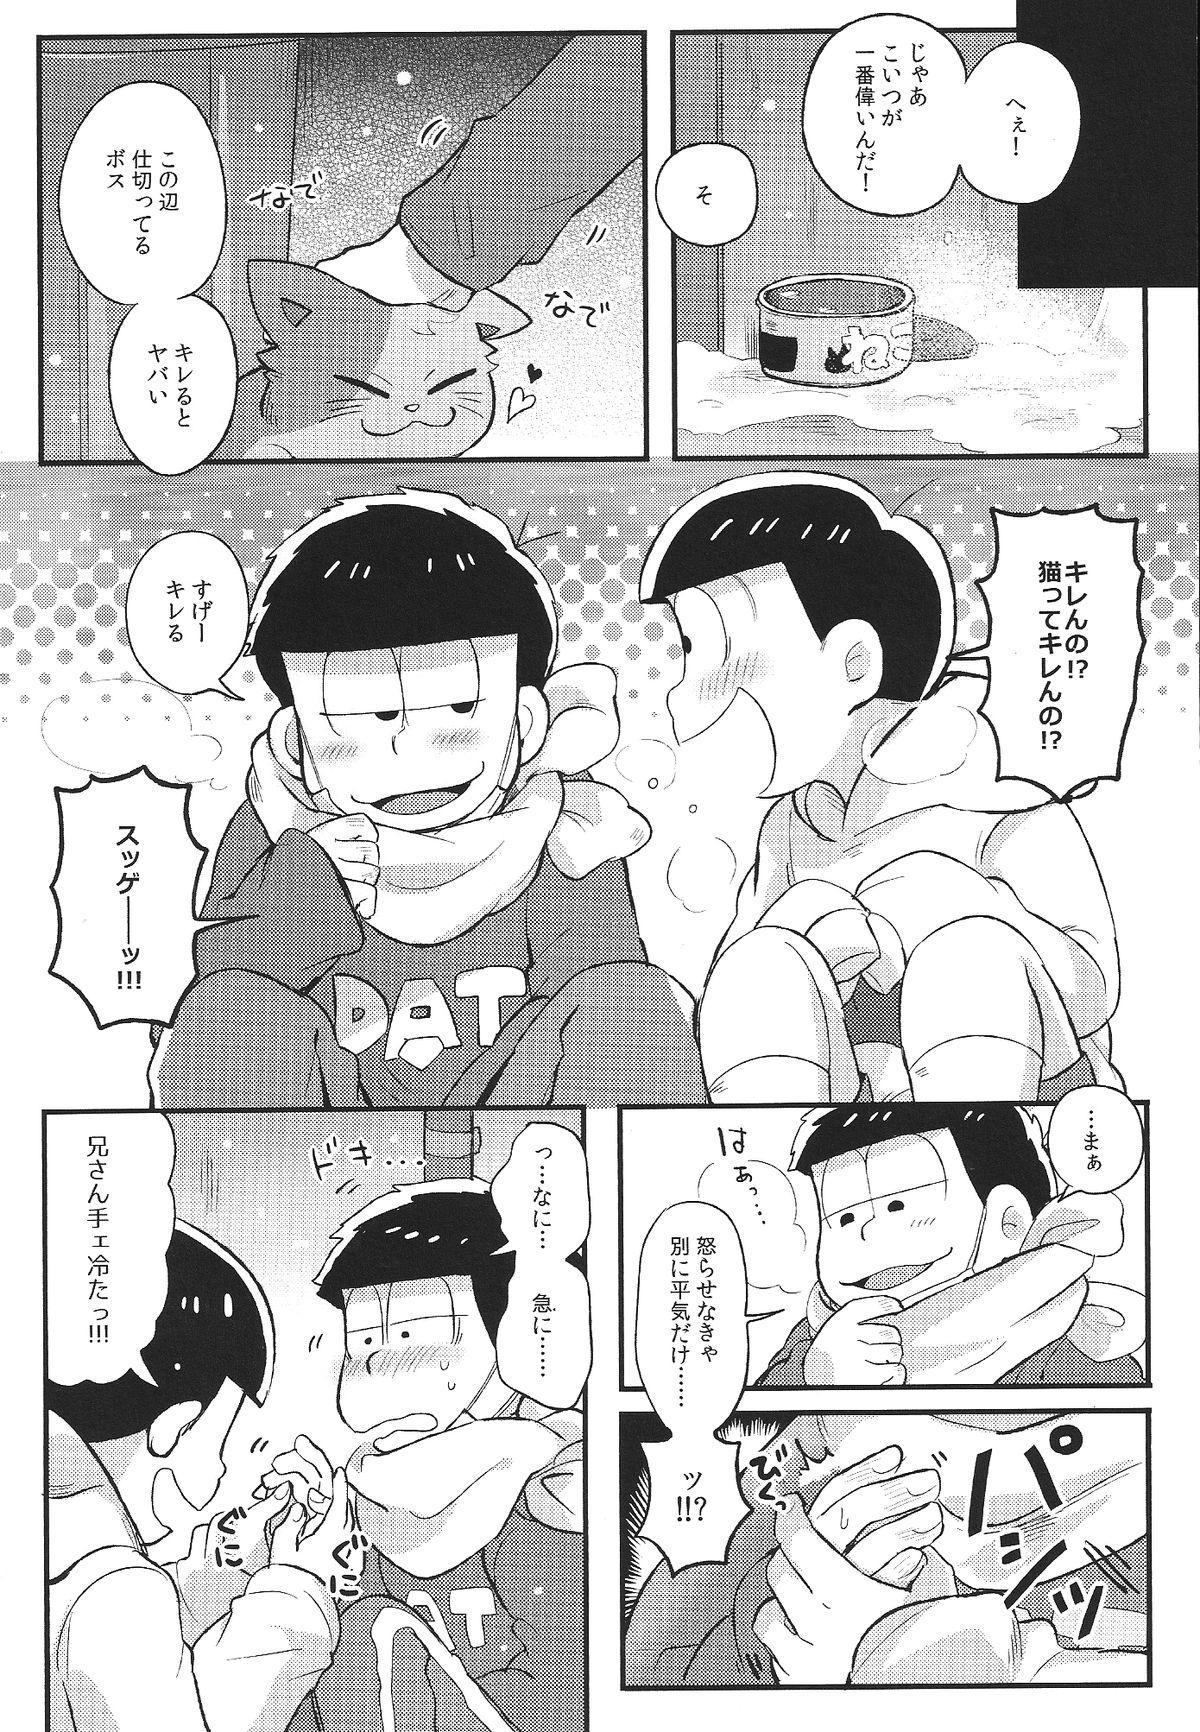 Kimi to Suki Doushi 4